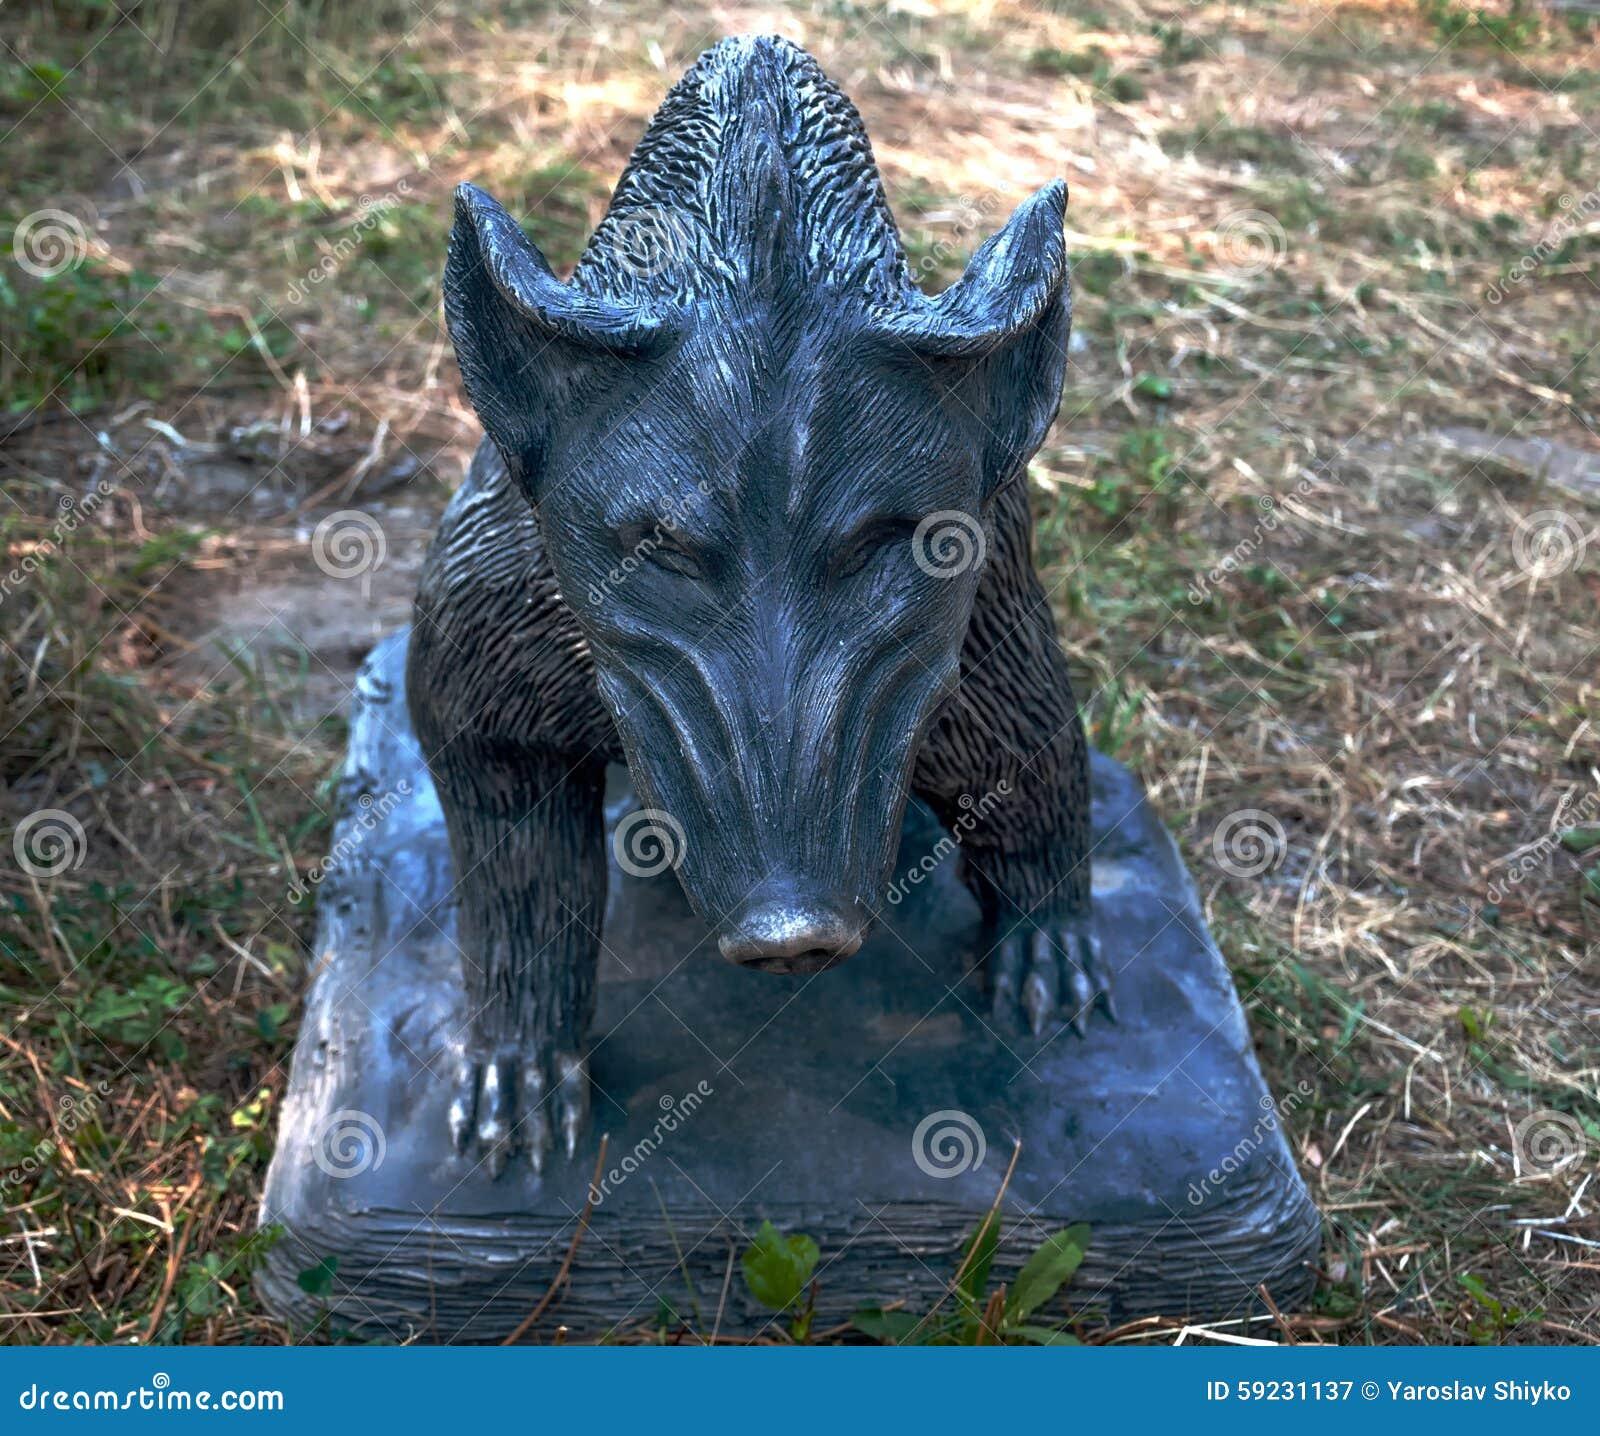 Download Escultura De Un Jabalí En La Tierra Imagen de archivo - Imagen de mamífero, atracción: 59231137